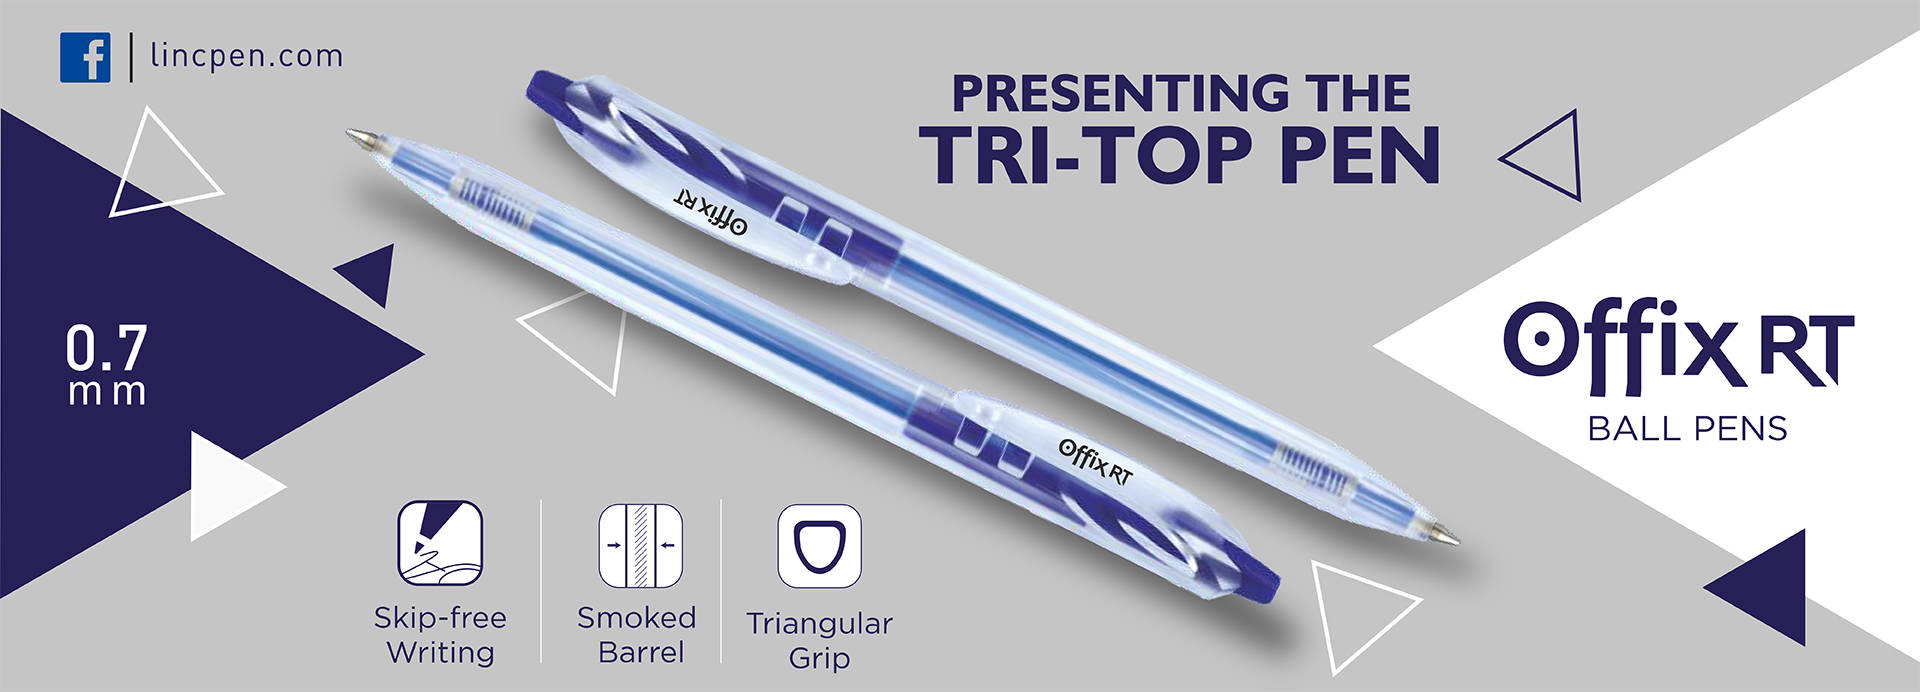 0.7 mm ball pen